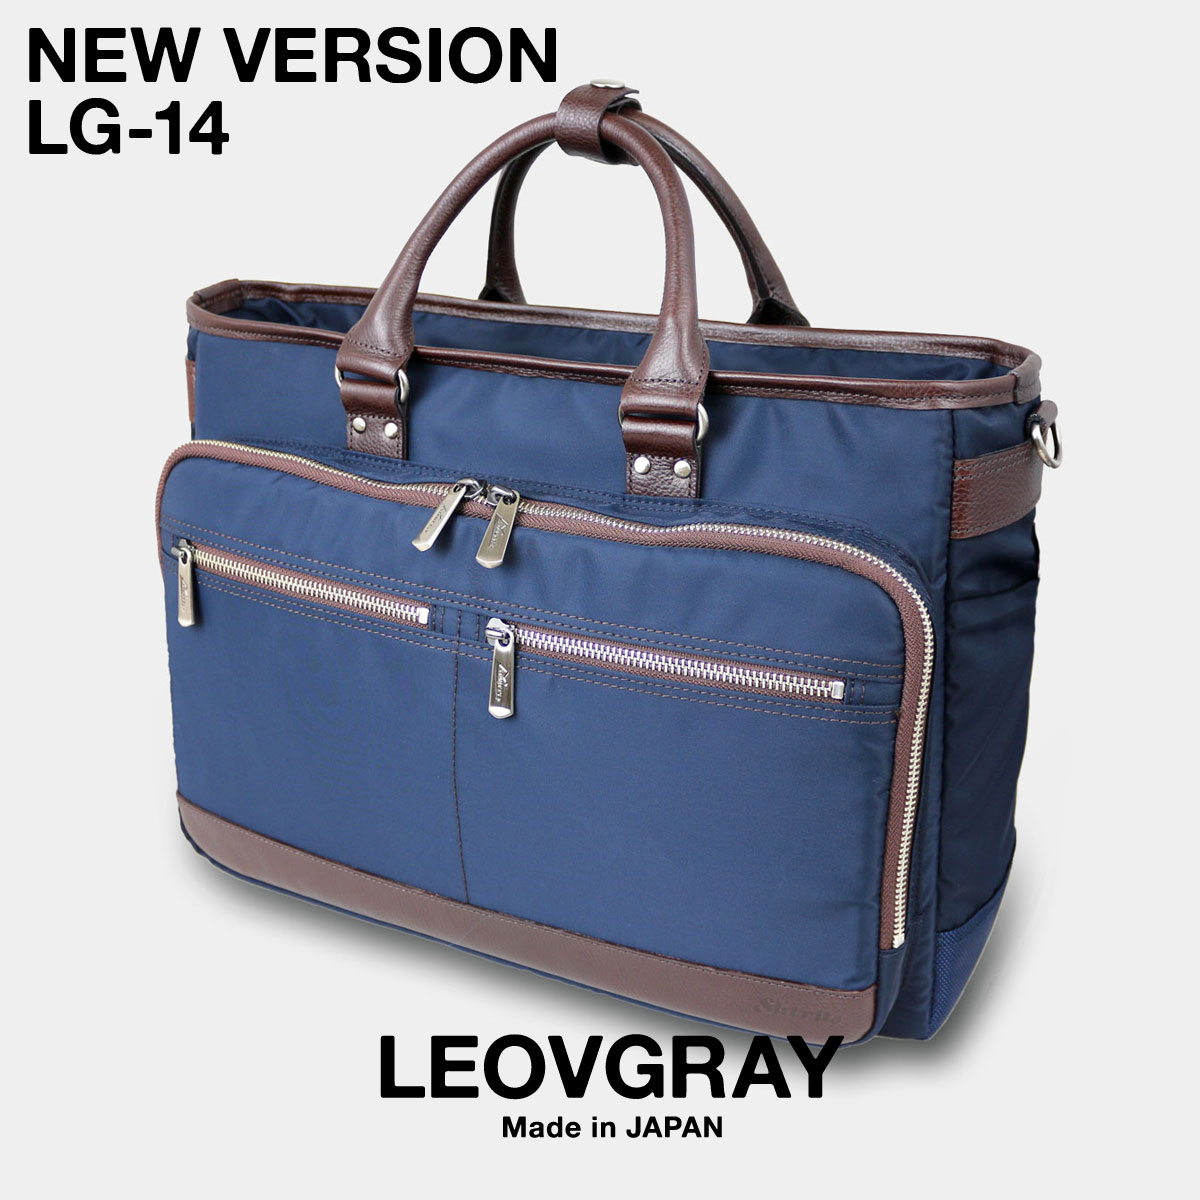 STARTTS LEOVGRAY(レオビグレイ)メイドインジャパン 新型/日本製×本革 2WAYセットアップトート【LG-14】